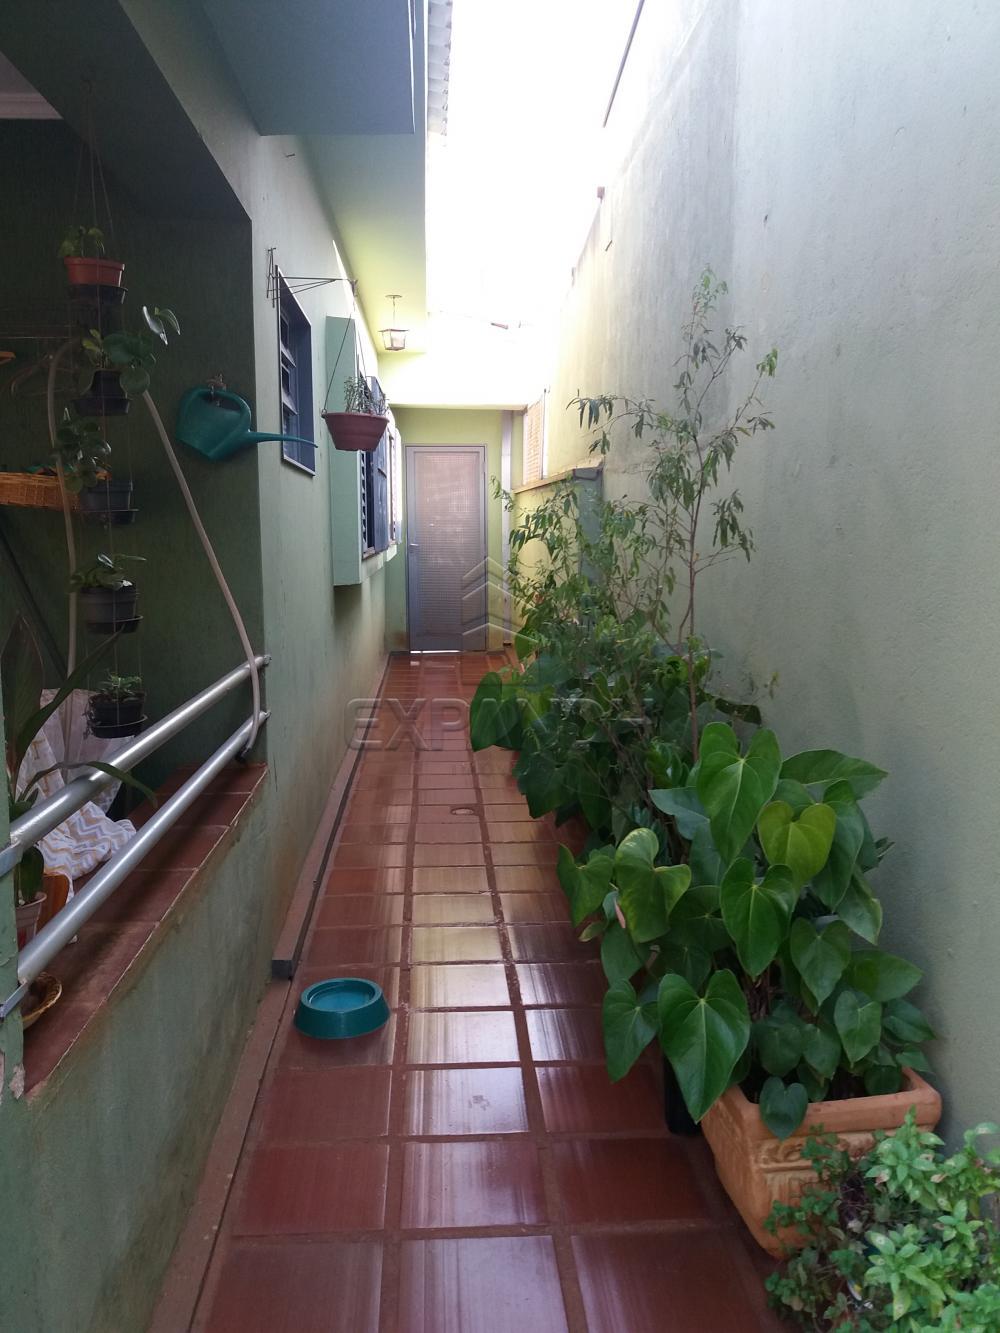 Comprar Casas / Padrão em Sertãozinho R$ 750.000,00 - Foto 4